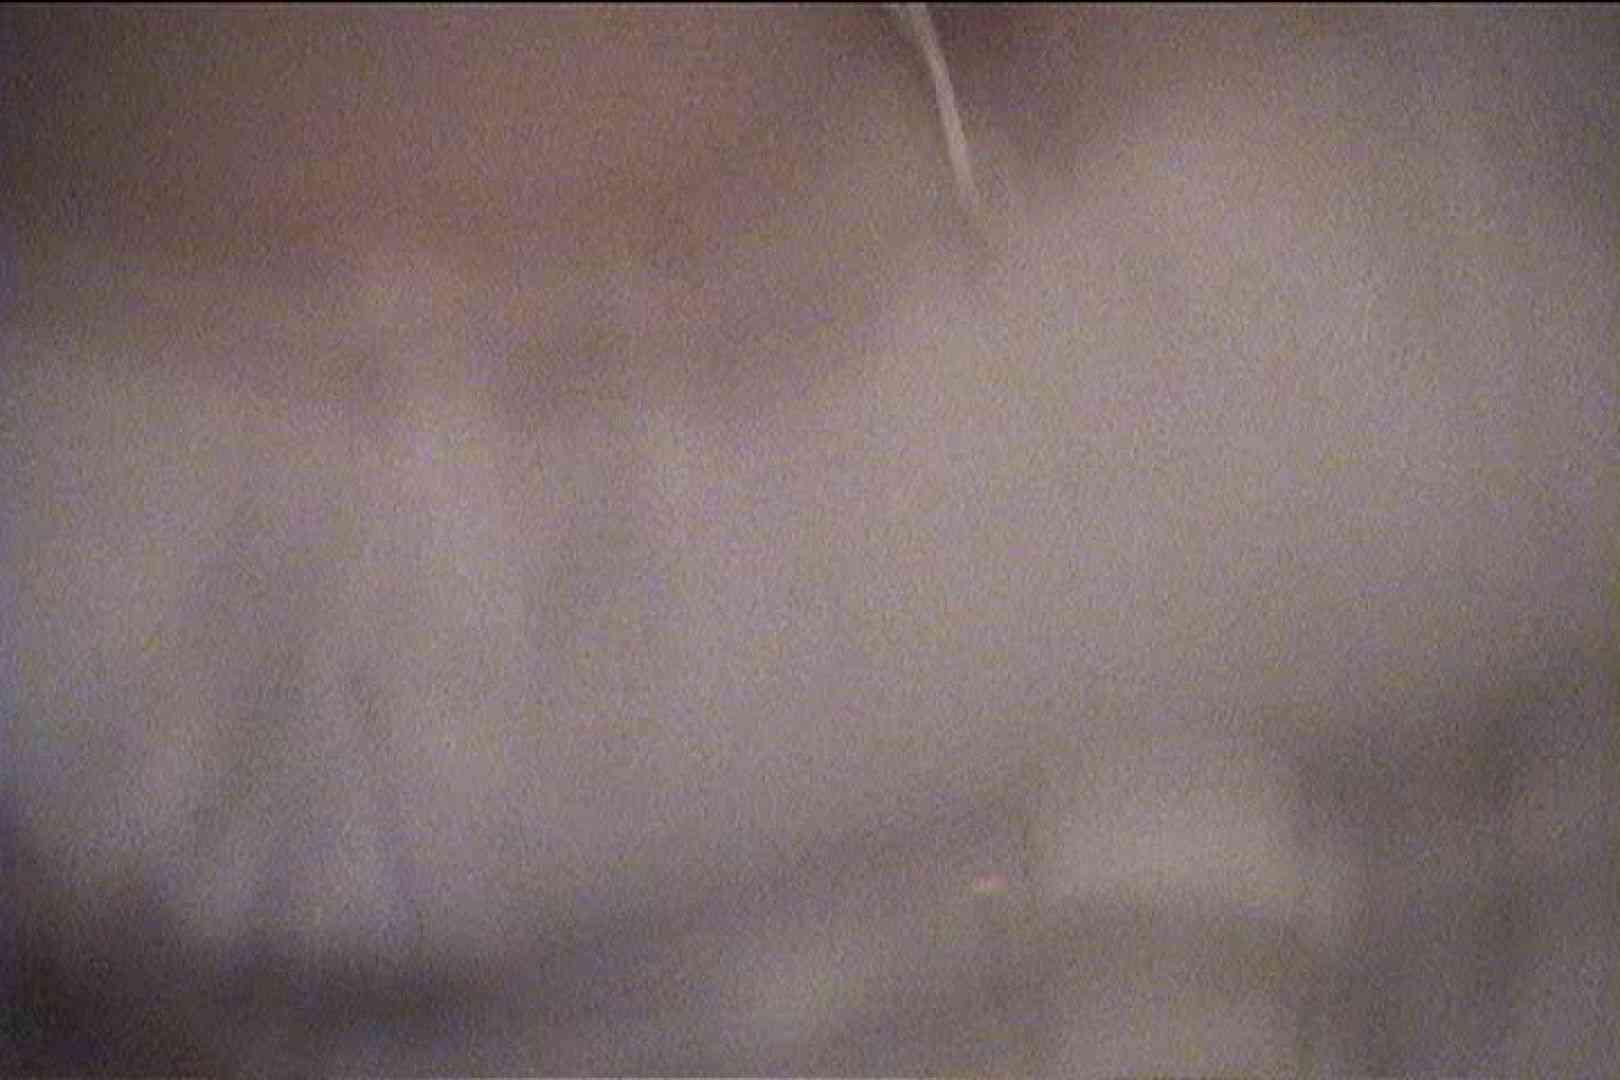 いっくんの調教! 「専学生里奈19才」Vol.1 エッチなセックス  78画像 64